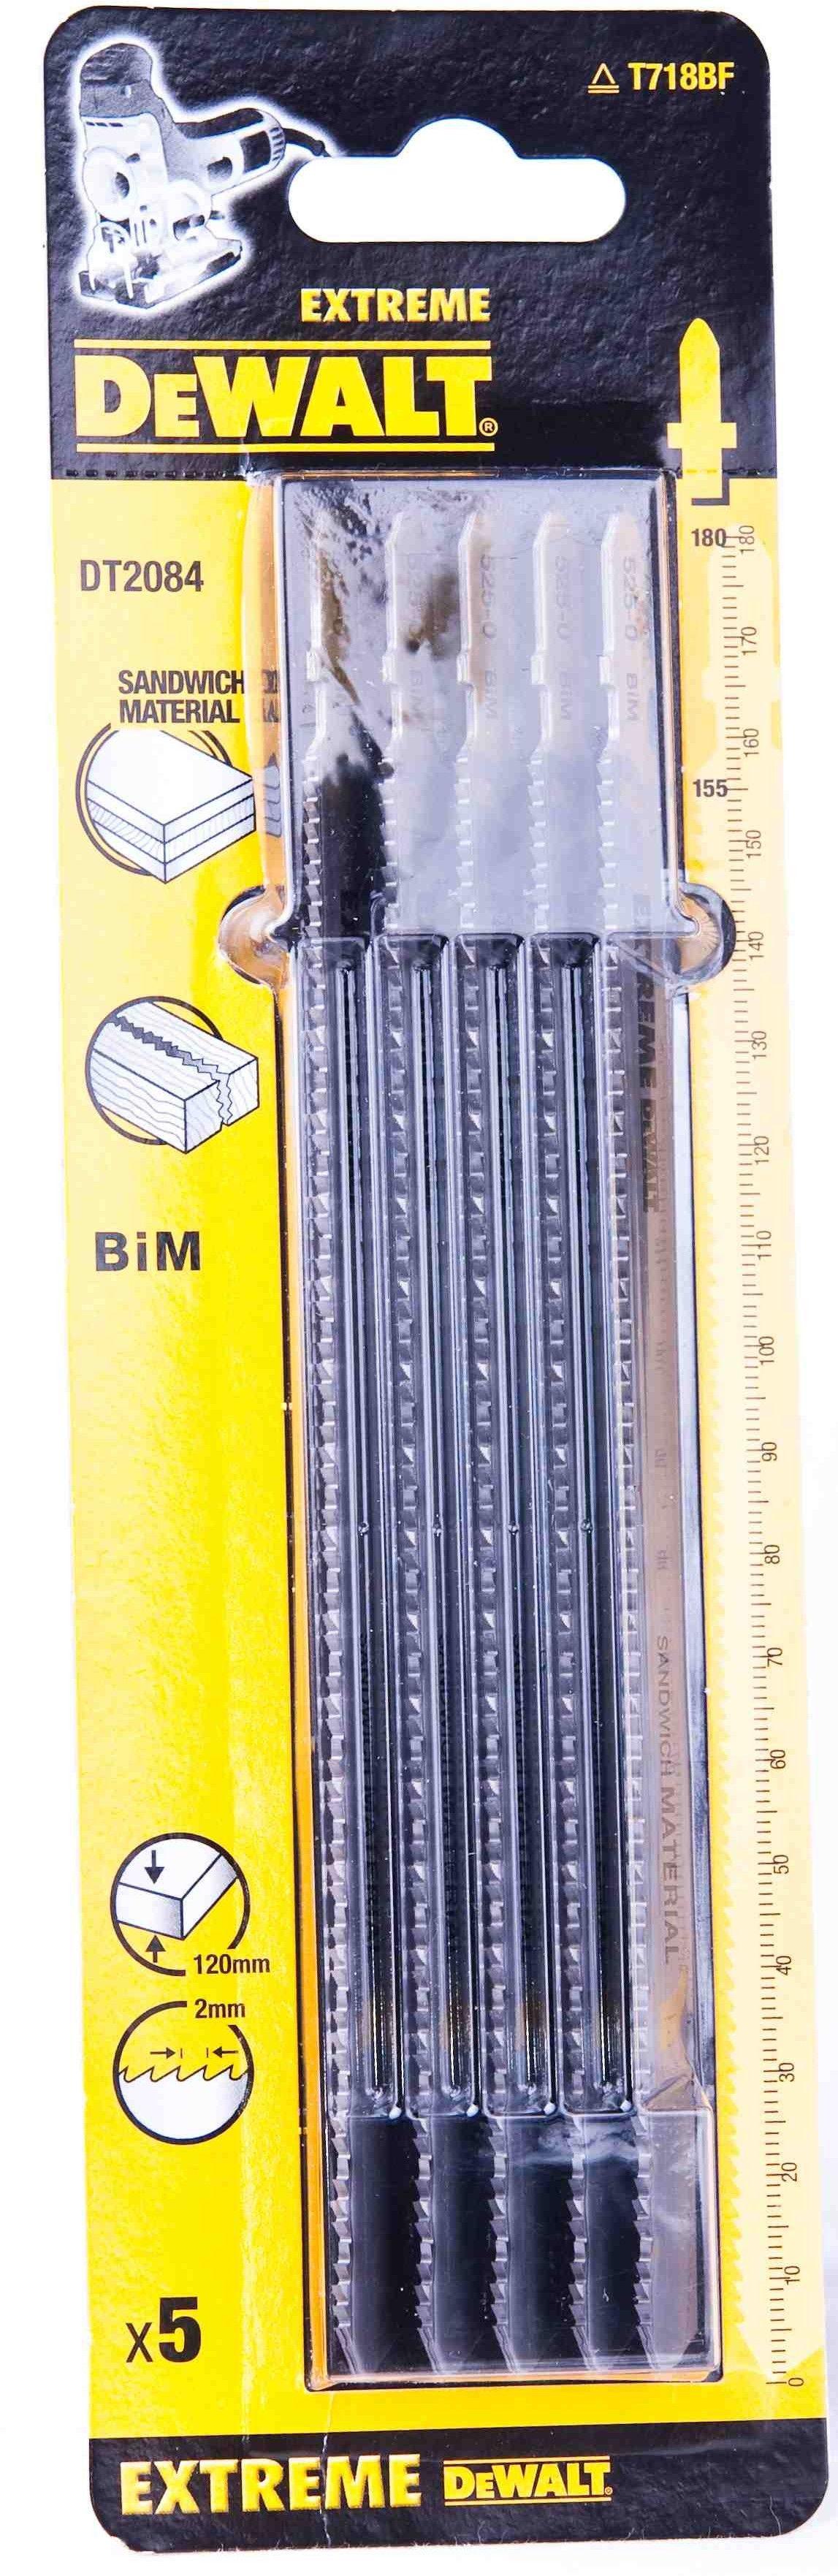 brzeszczoty do wyrzynarki 180mm do cięcia płyt warstwowych, sklejki i metalu, 5 szt. DeWALT [DT2084]